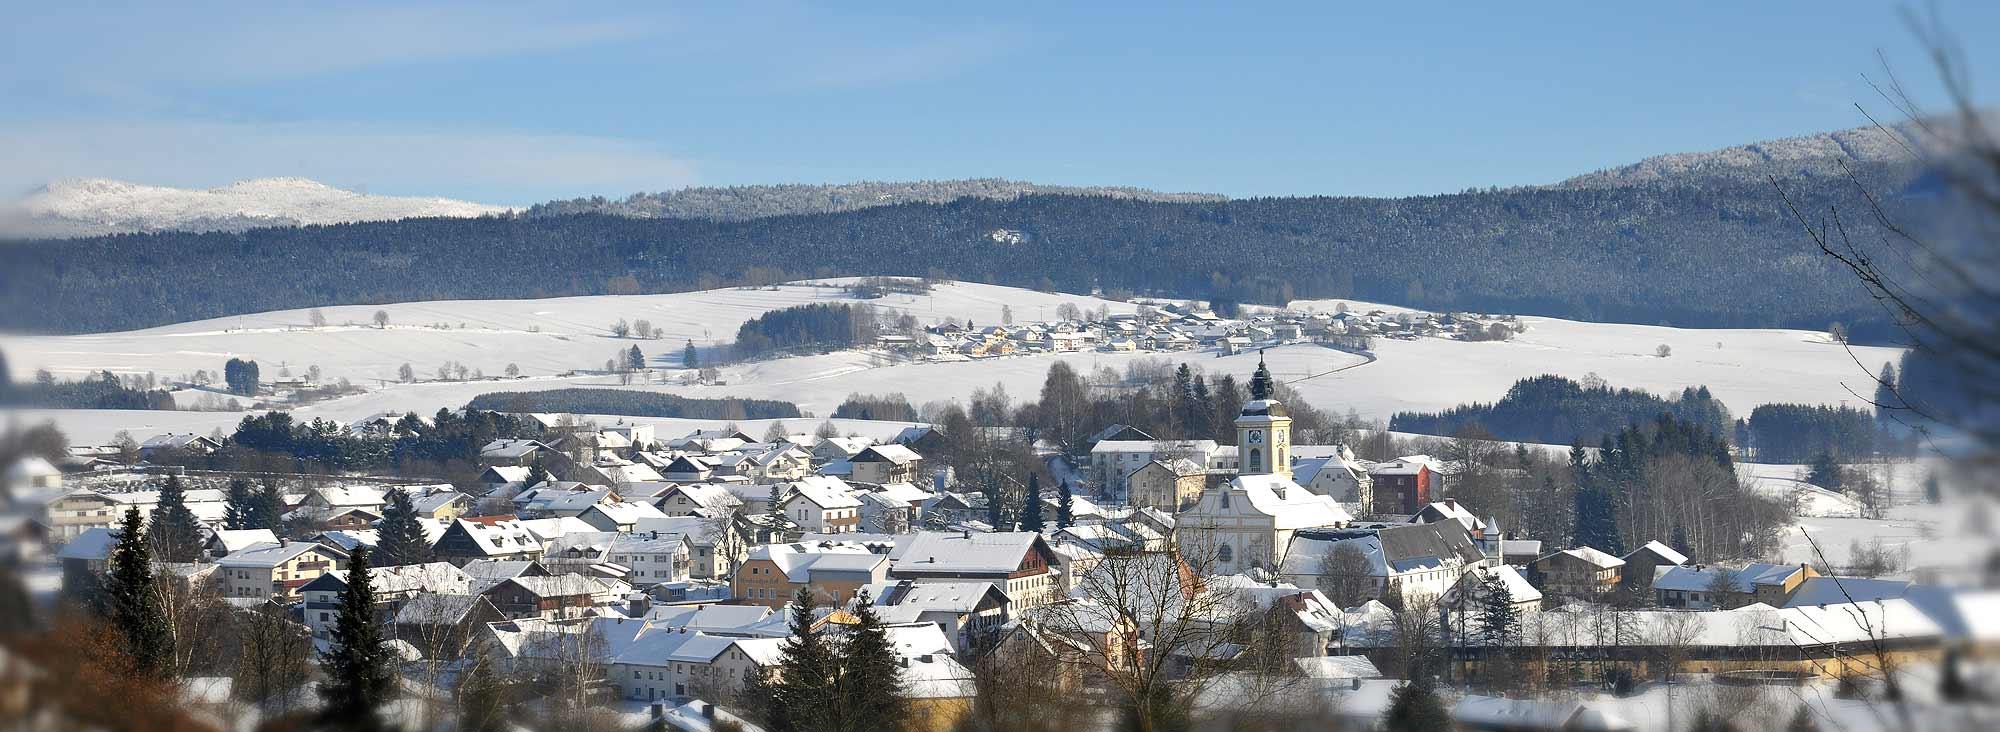 rinchnacher-hof_winter-01.jpg